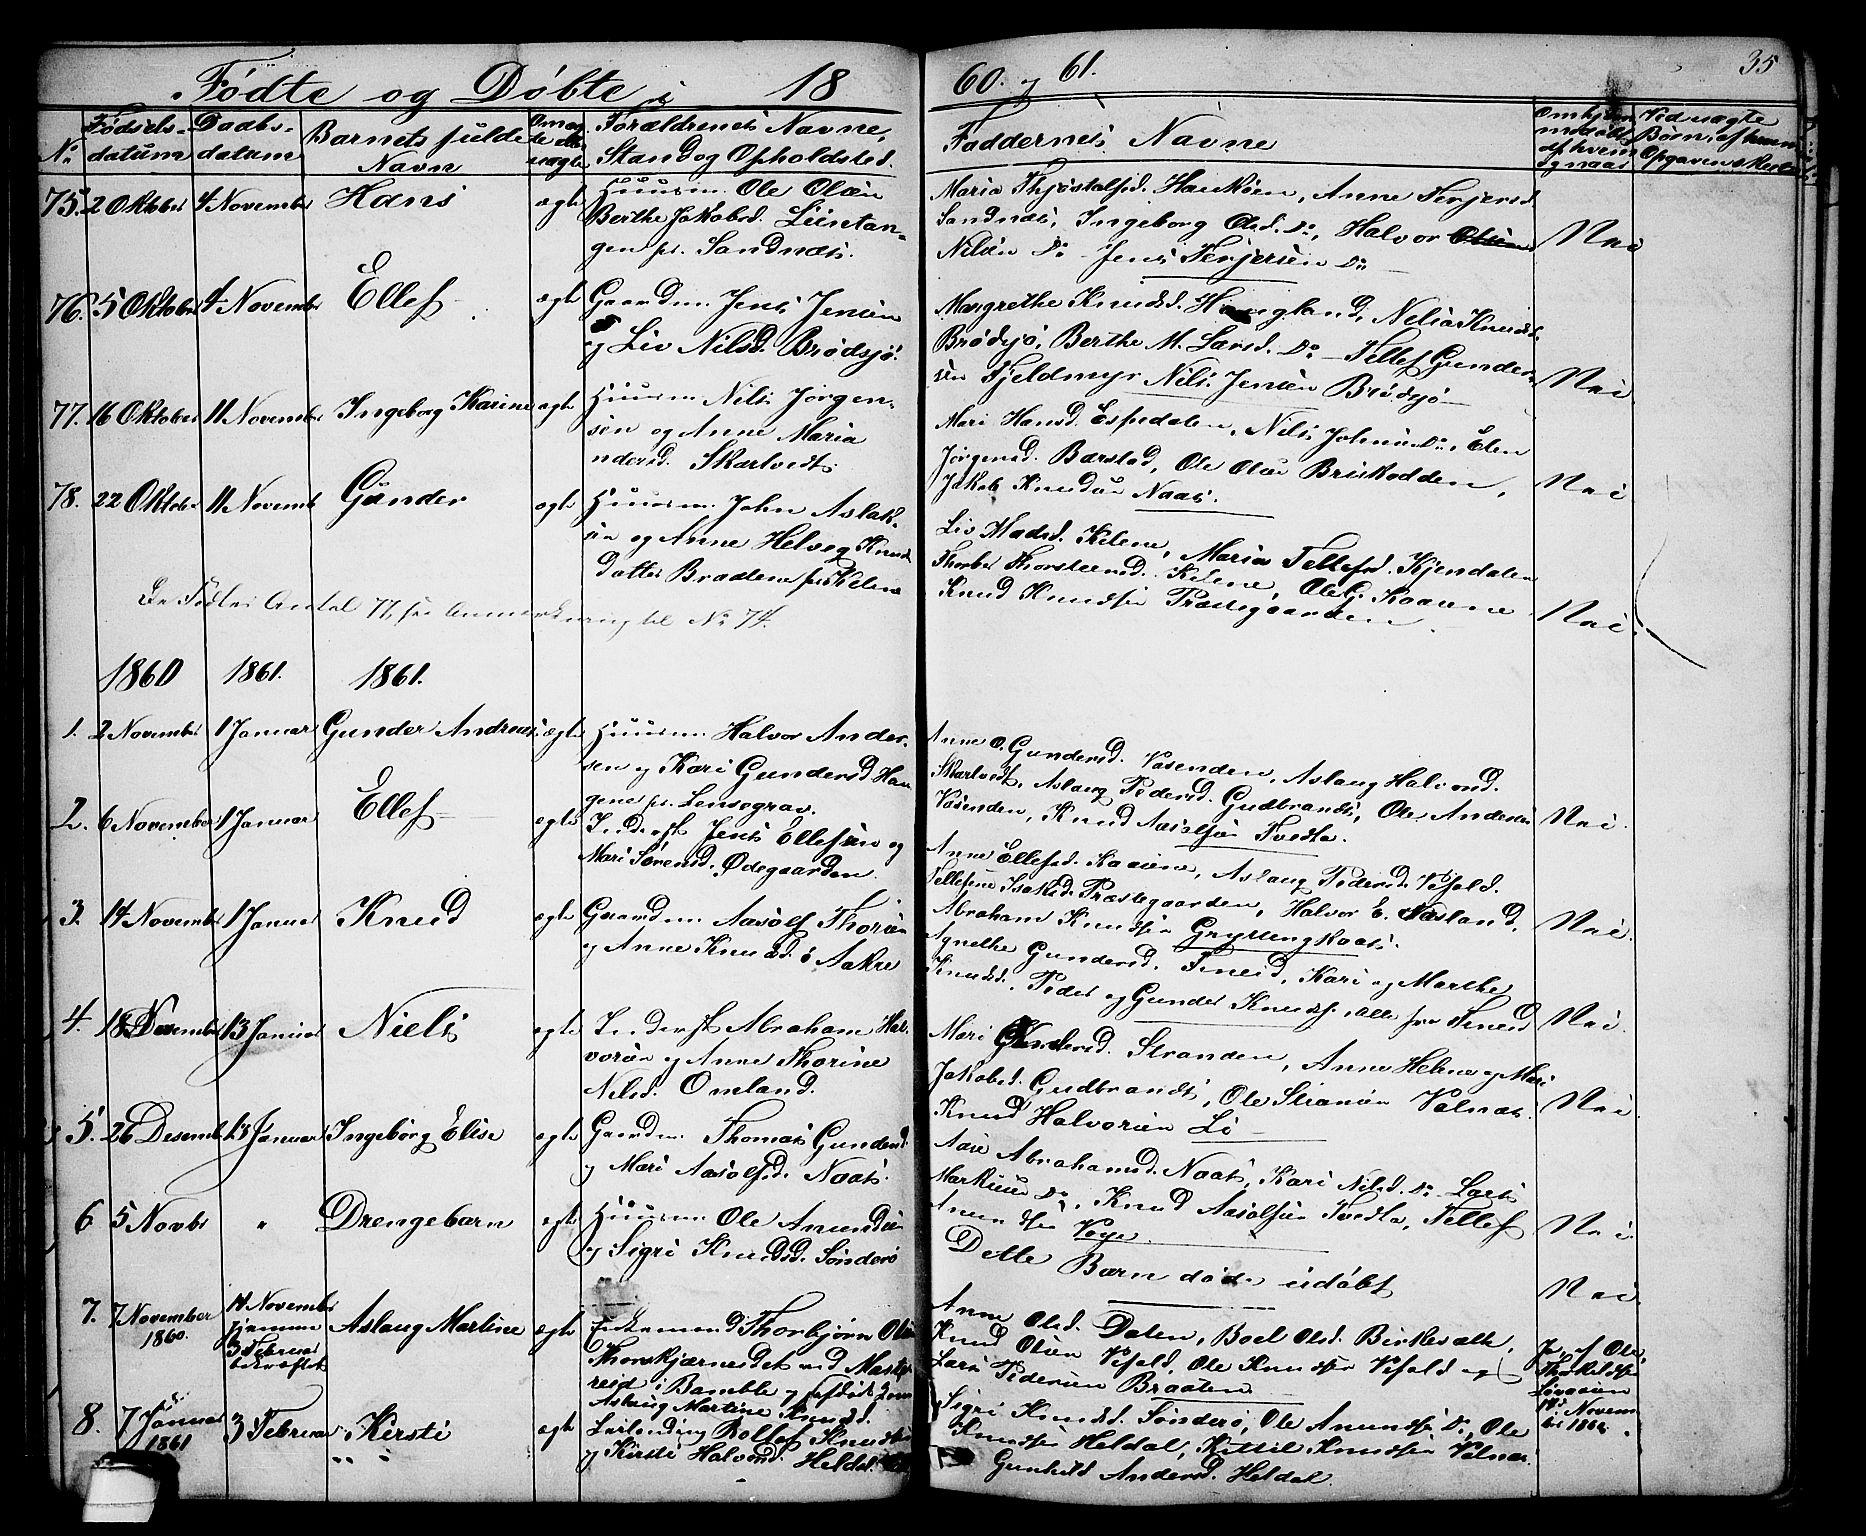 SAKO, Drangedal kirkebøker, G/Ga/L0002: Klokkerbok nr. I 2, 1856-1887, s. 35